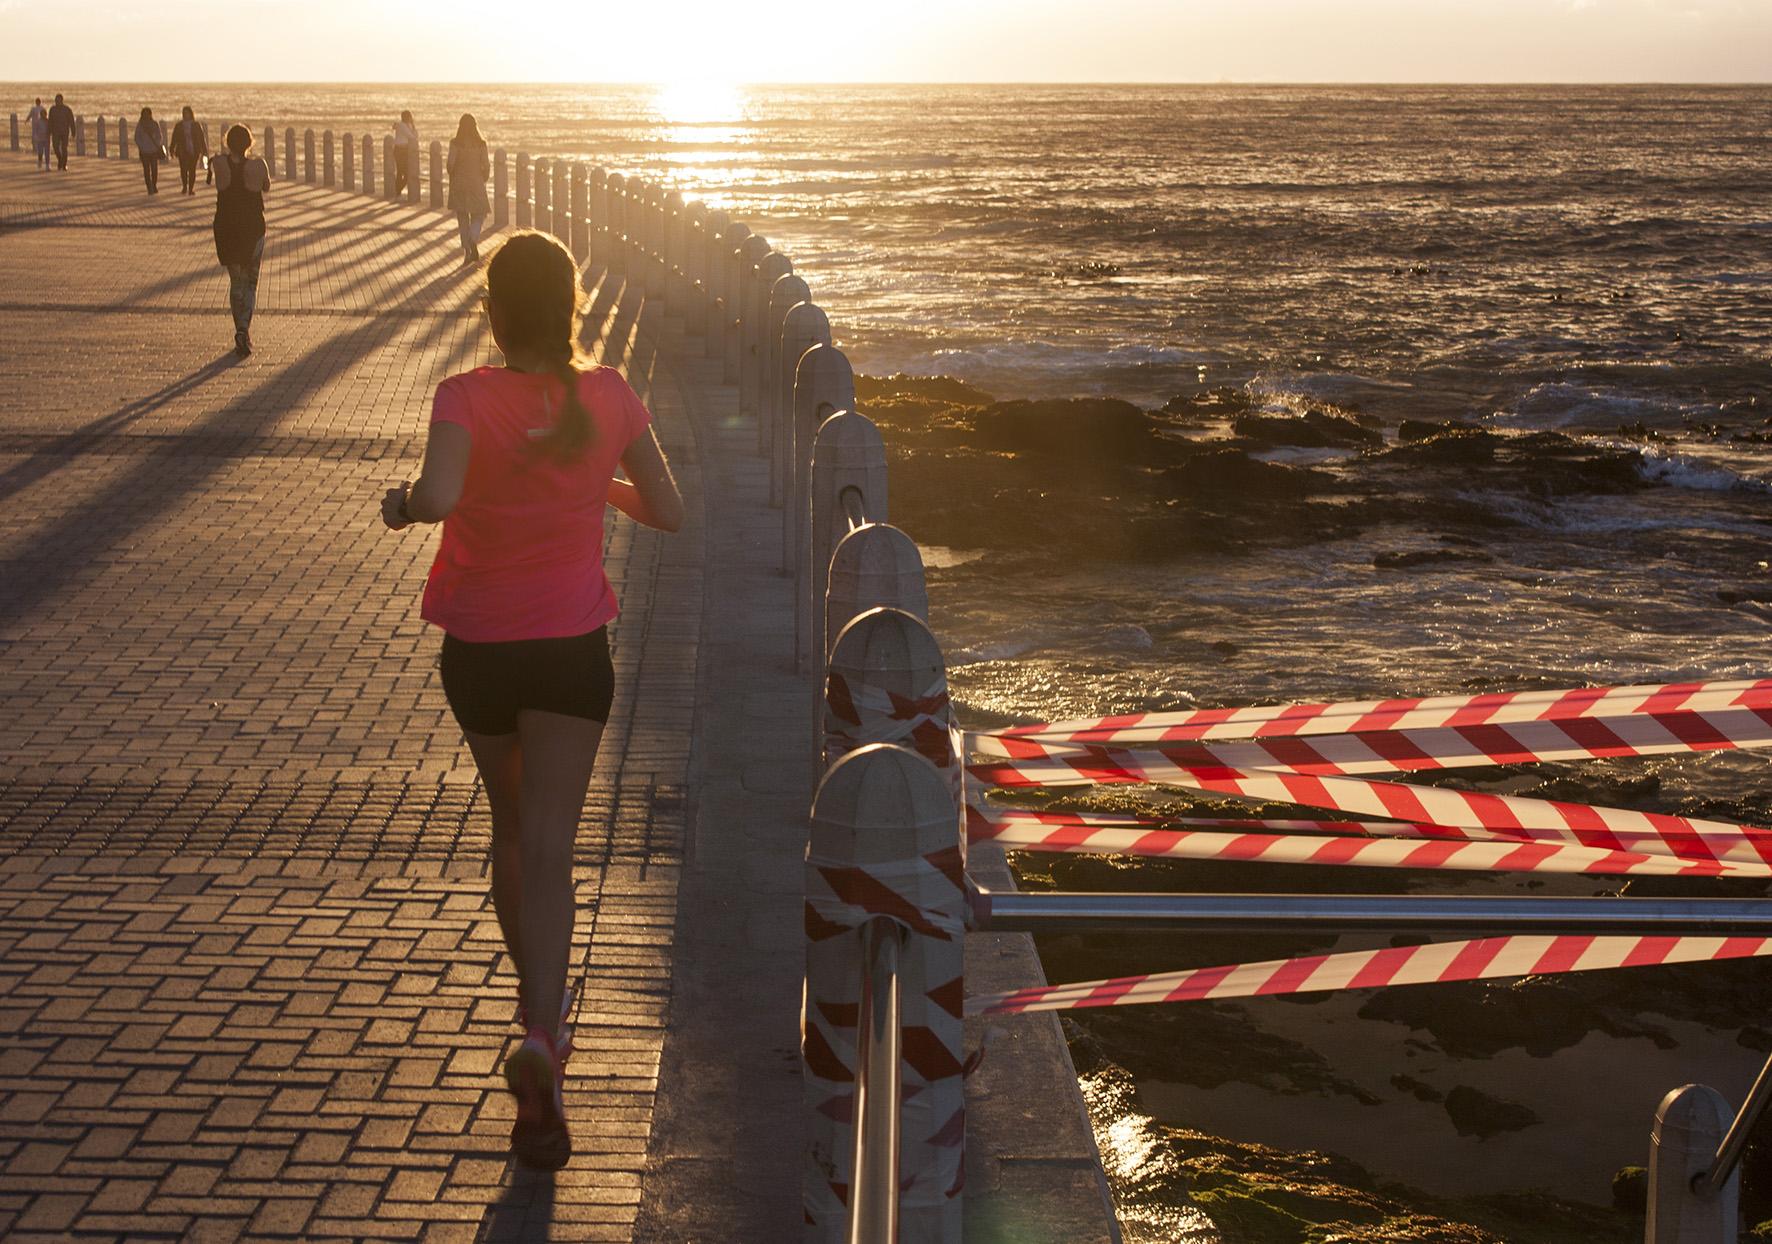 Stygende seevlakke veroorsaak reeds probleme vir Kaapstad - Daily Maverick